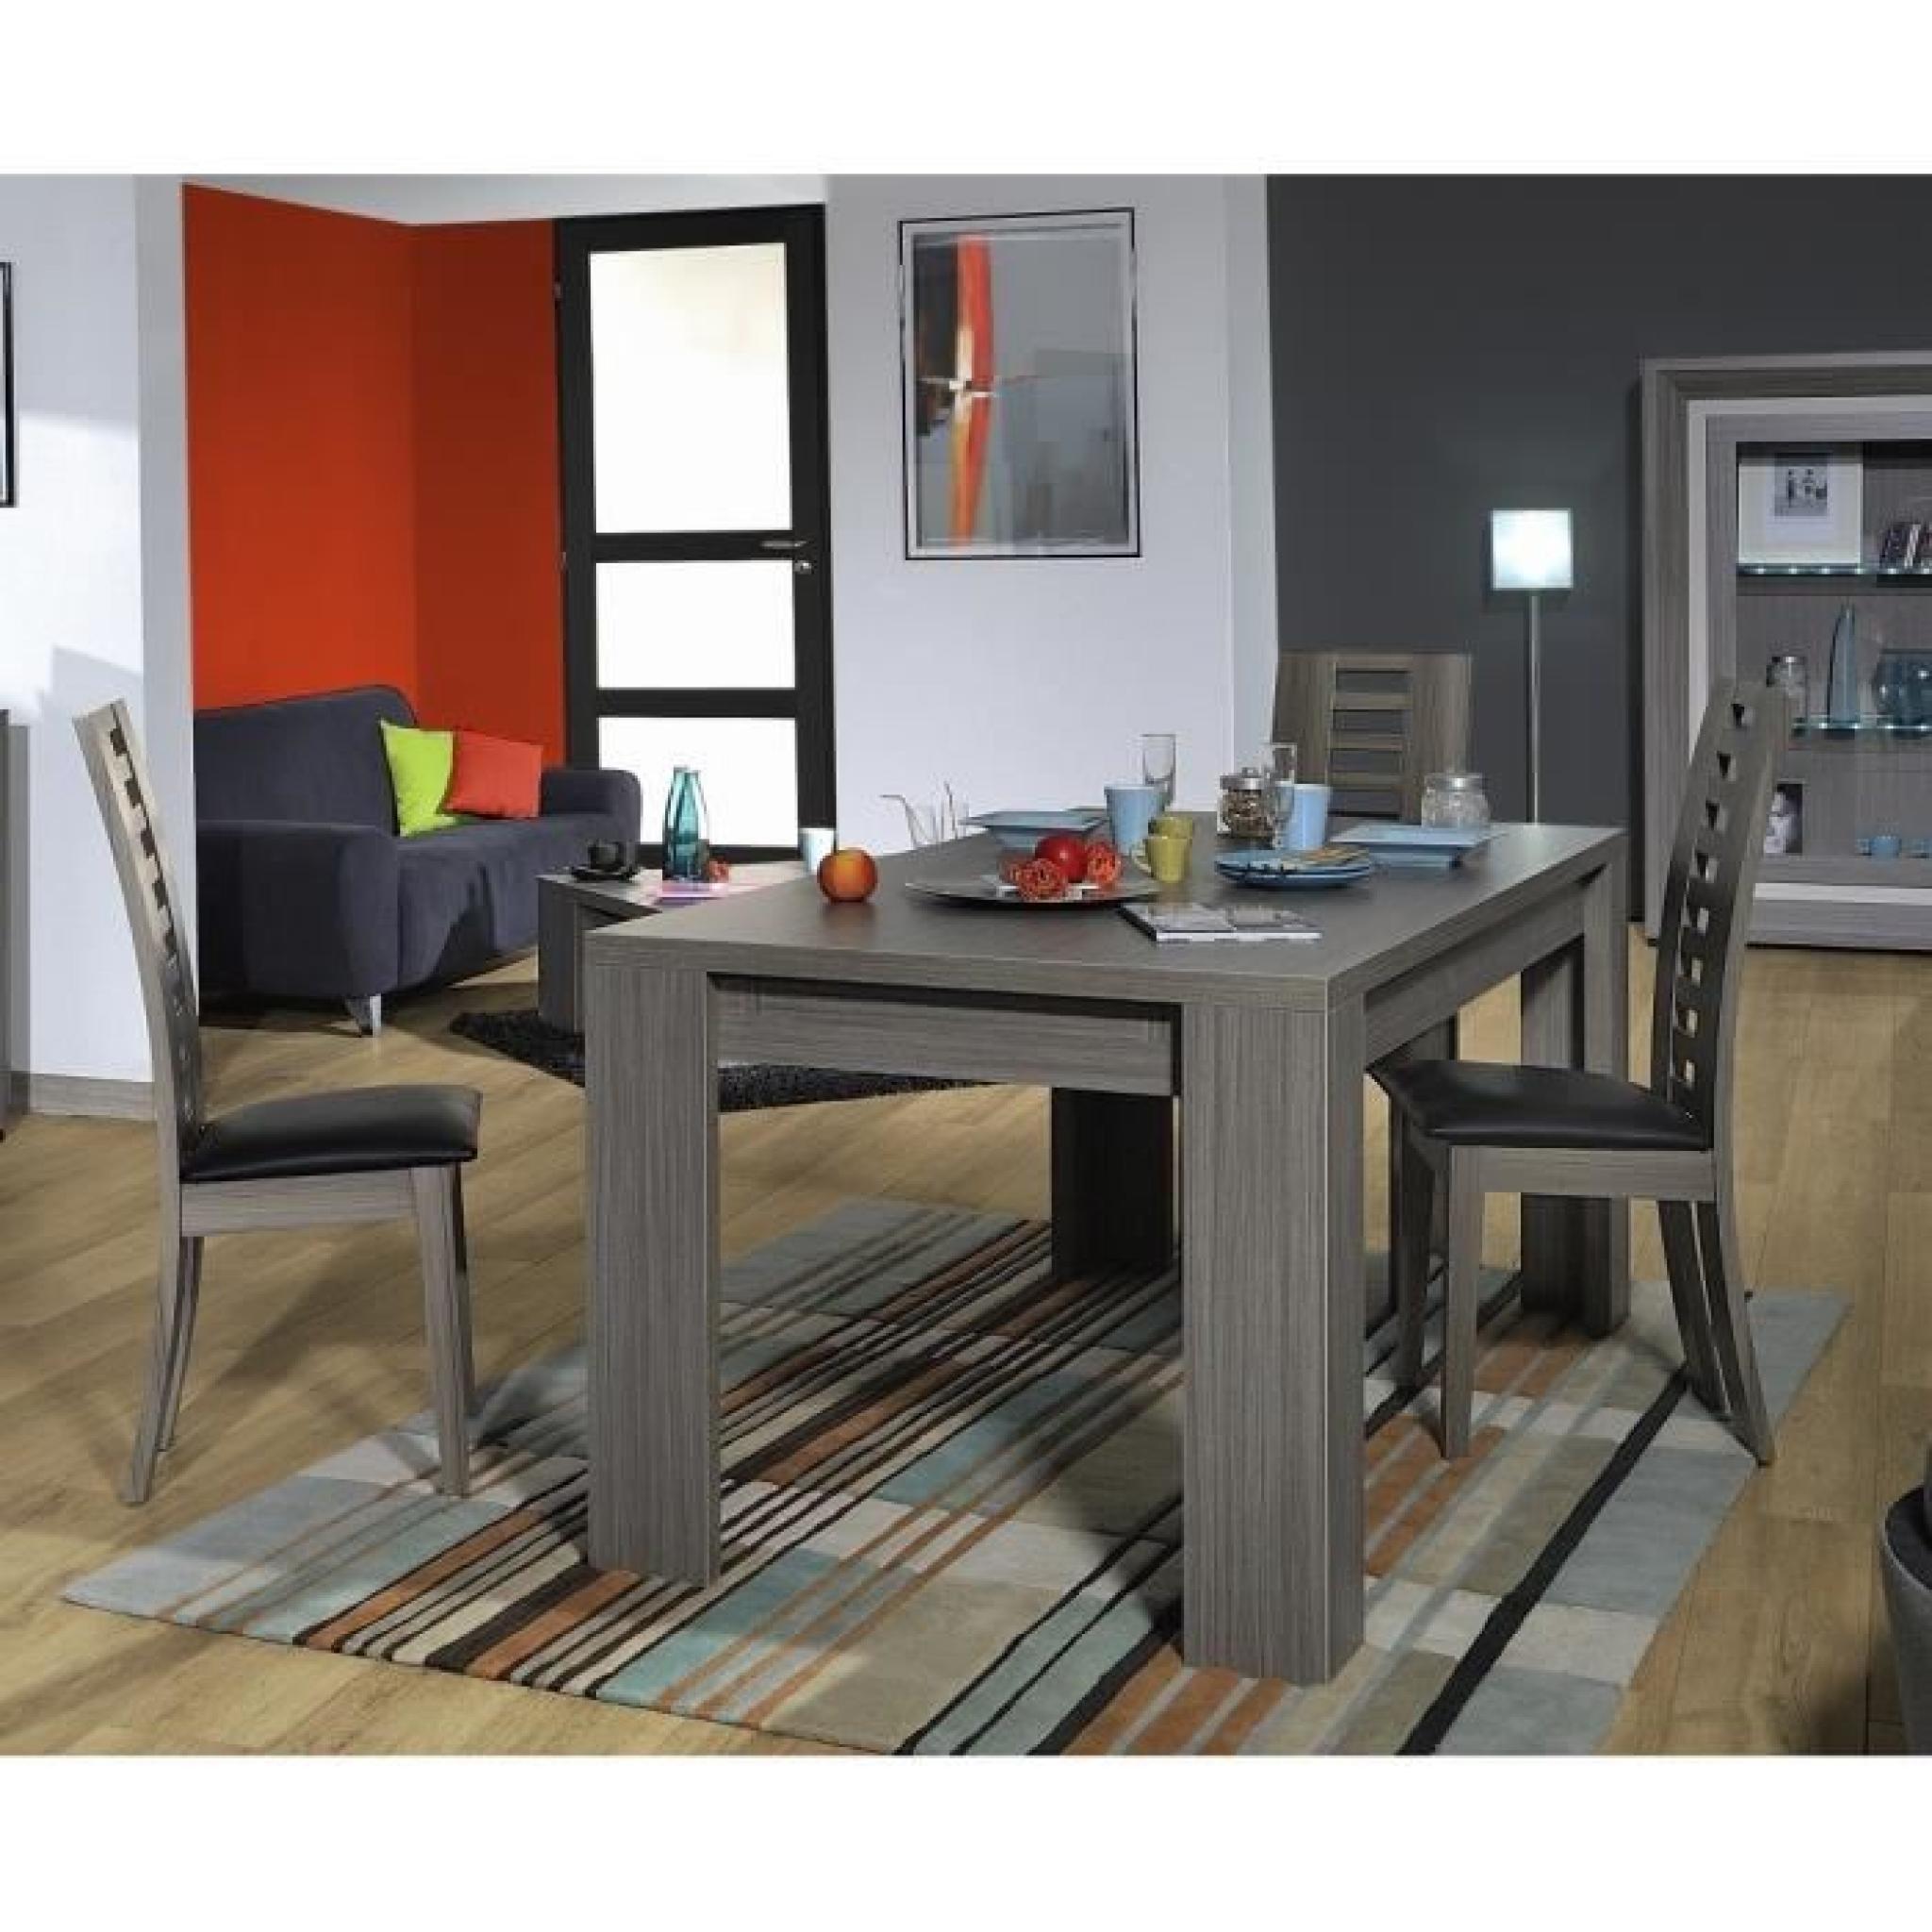 LYNEA Table rect. bois gris et laque L180/260 cm - Achat/Vente table ...